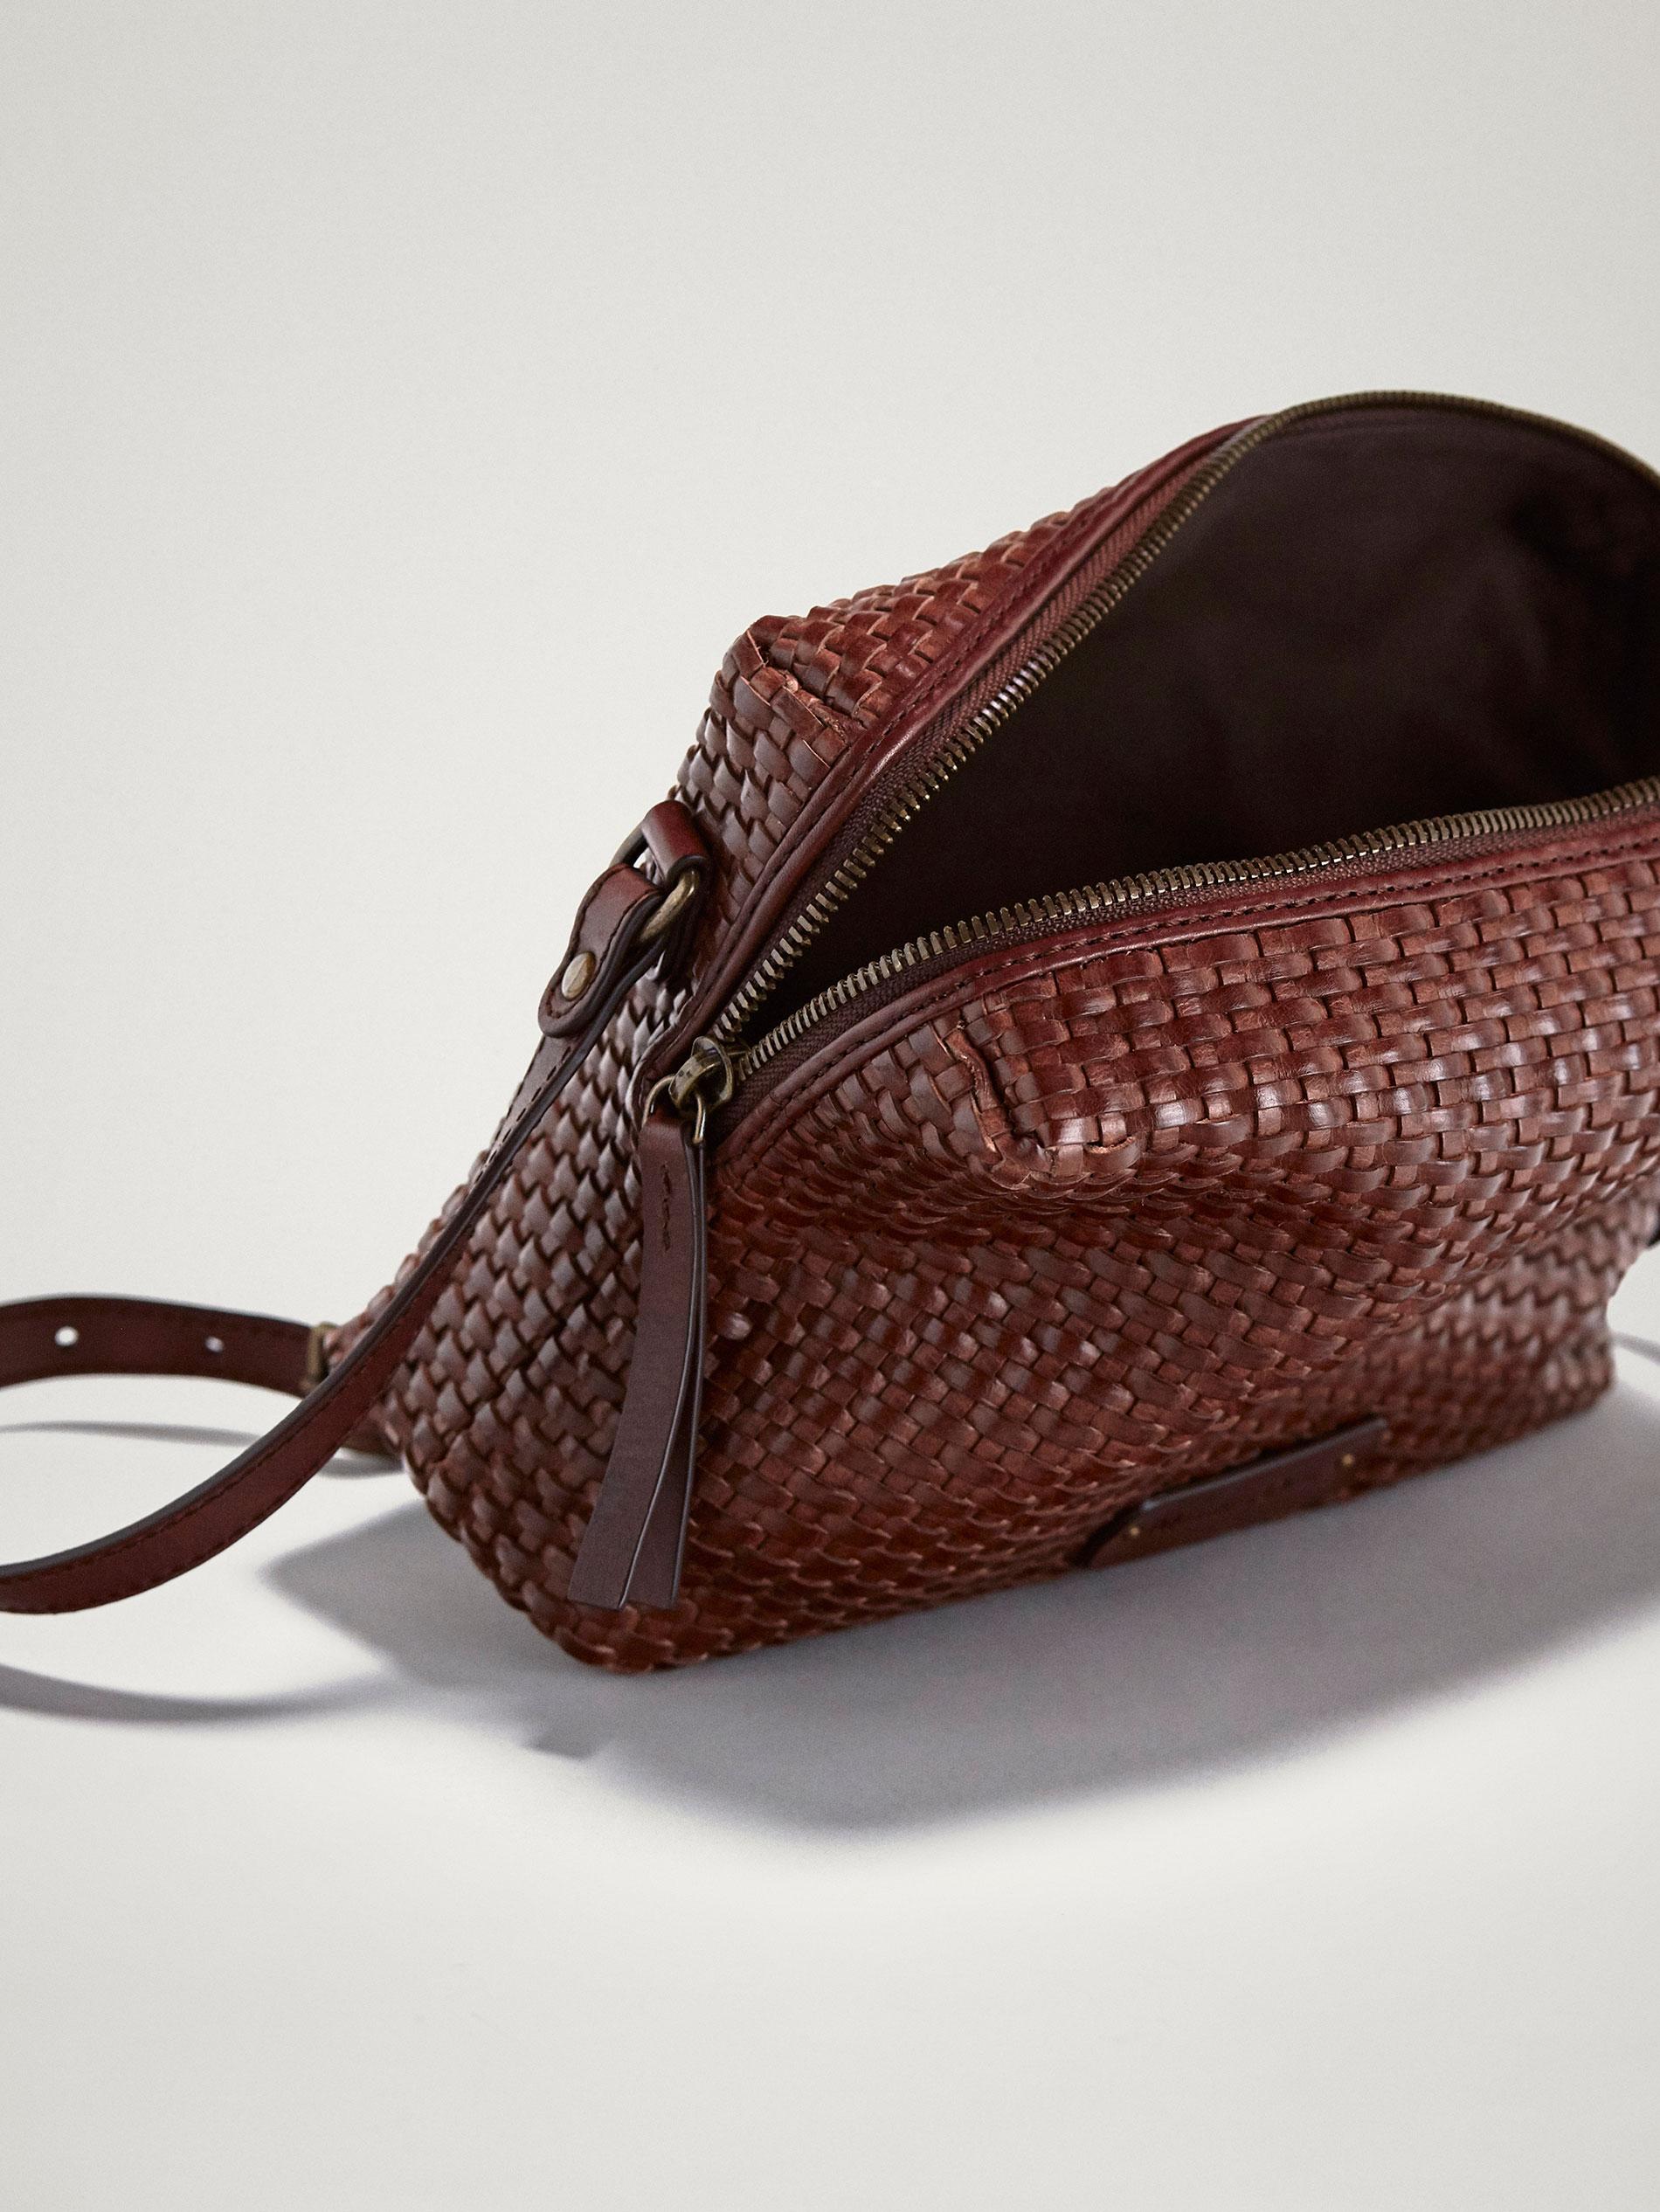 fd0dfab9d8e4 Massimo Dutti PLAITED LEATHER CROSSBODY BAG at £119